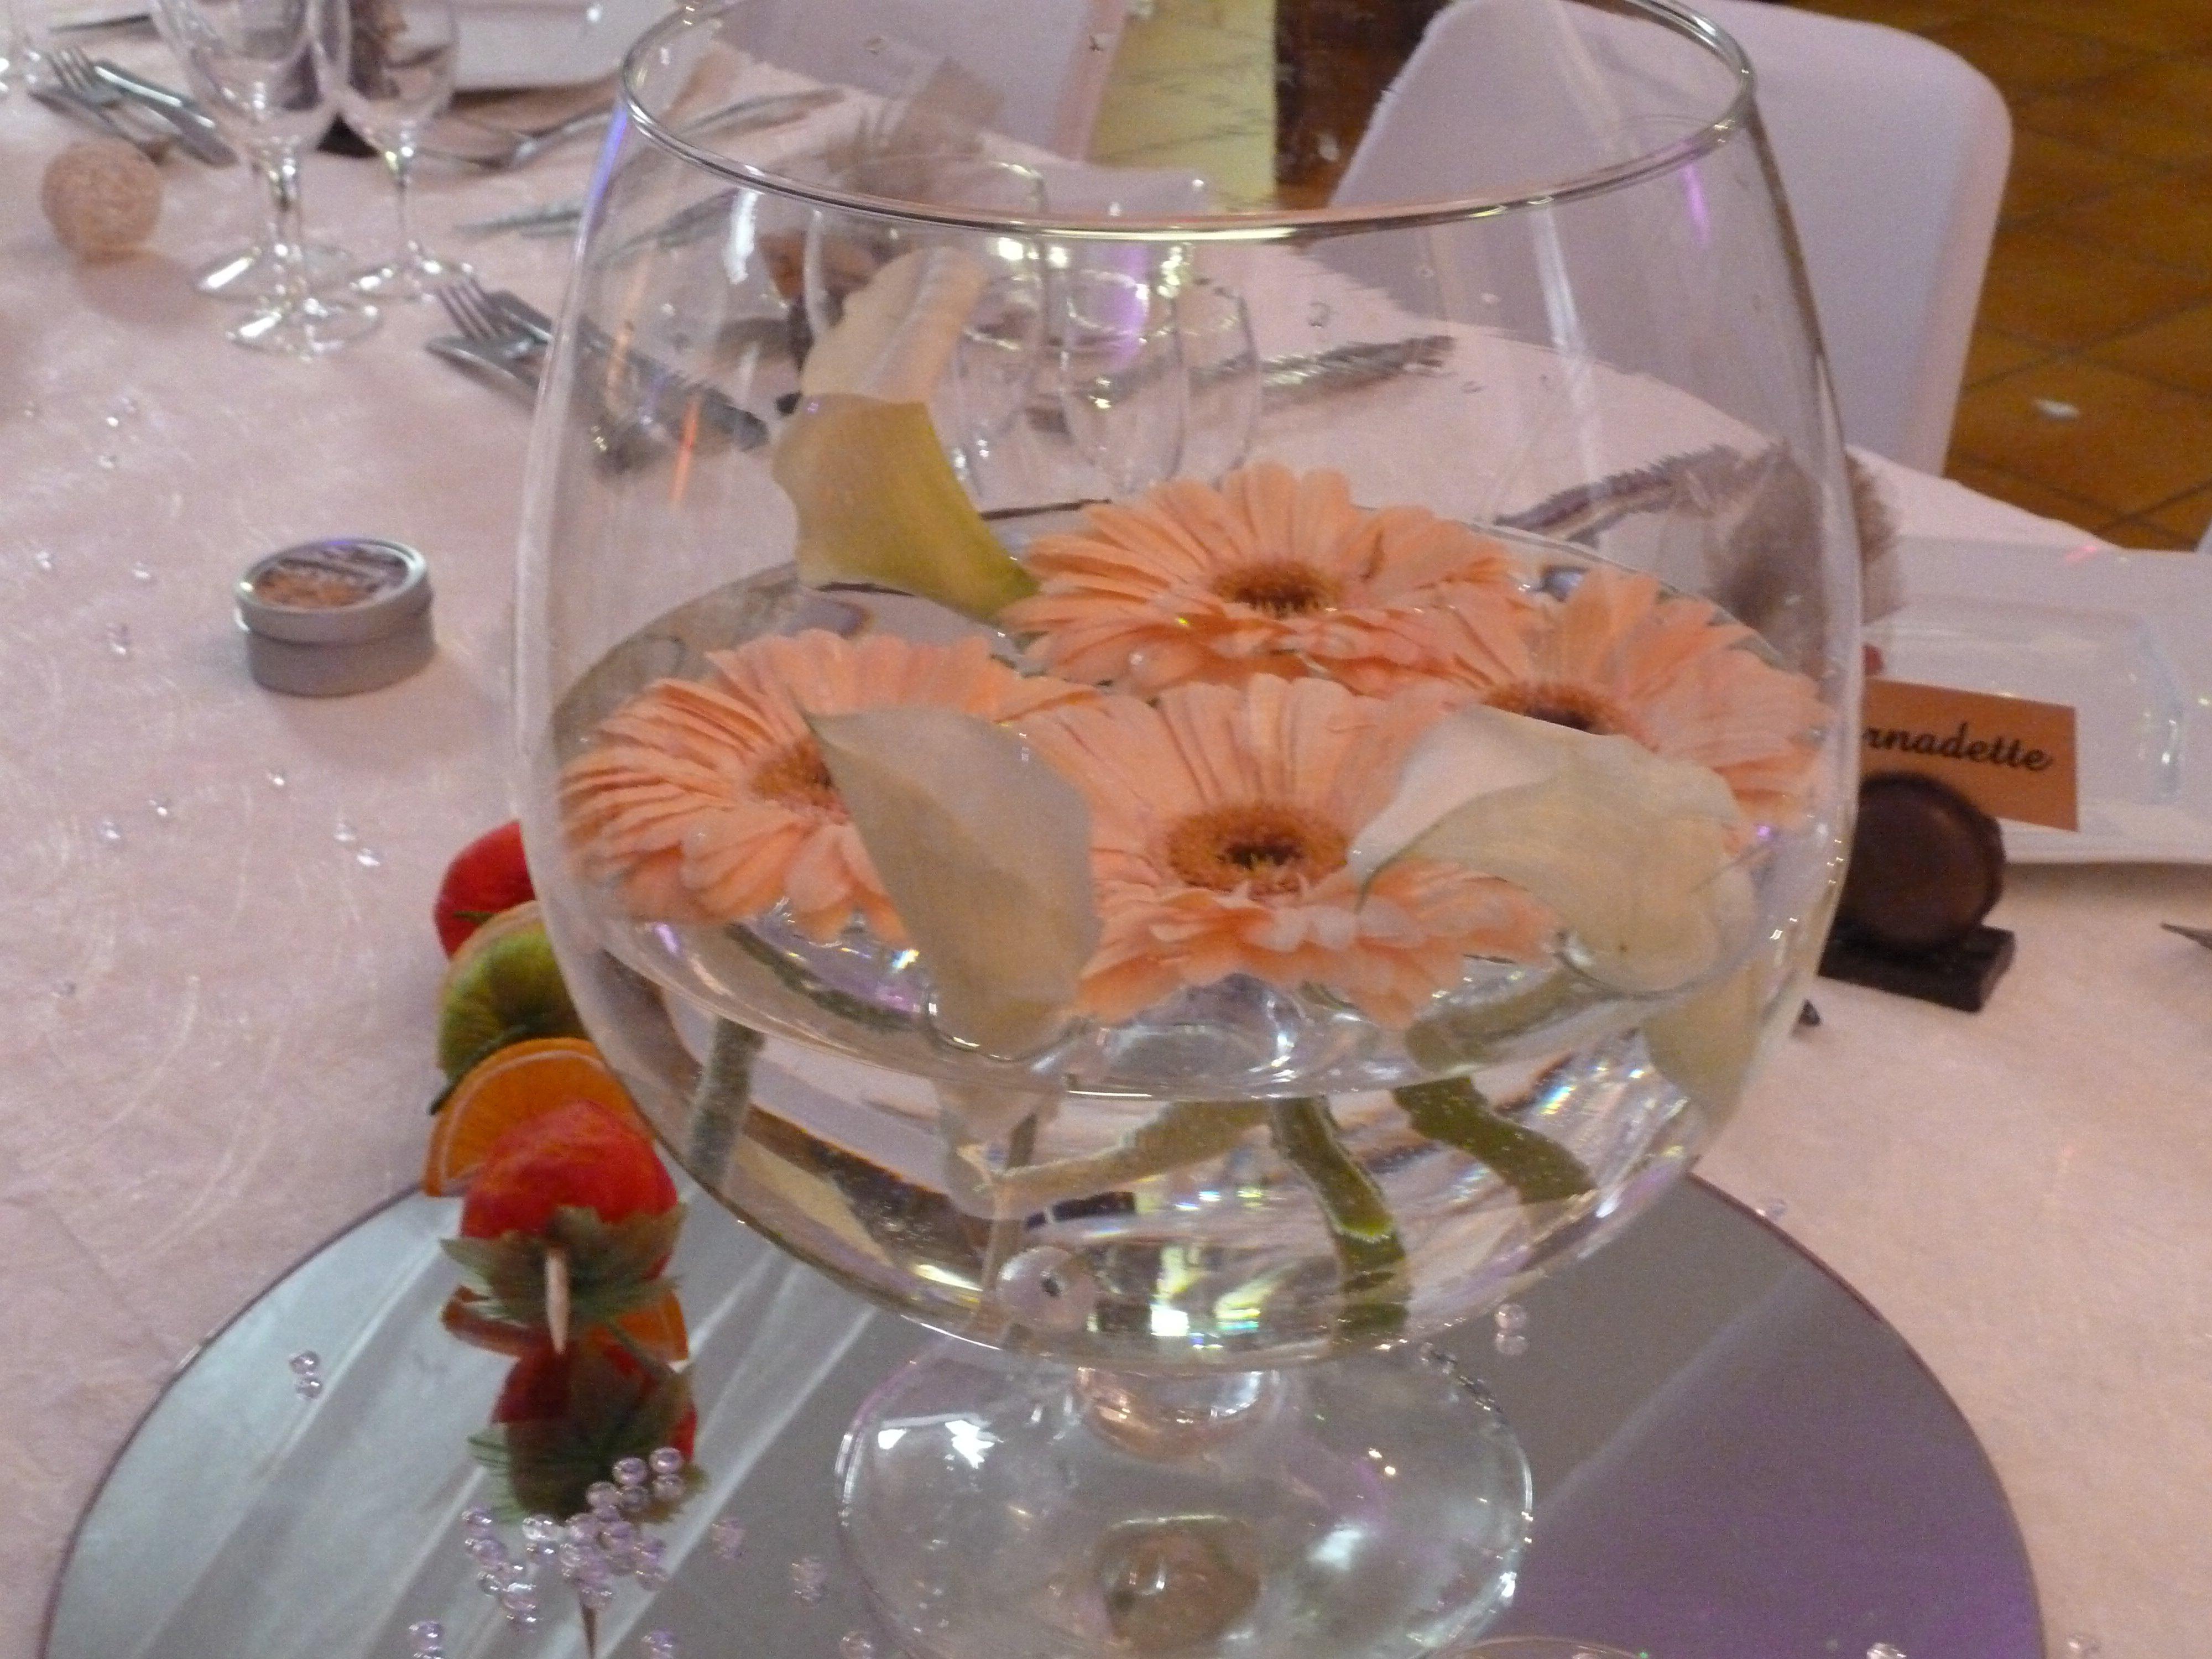 deco table mariage decor mariage mariage theme gourmandise deco salle theme chocolat mariage